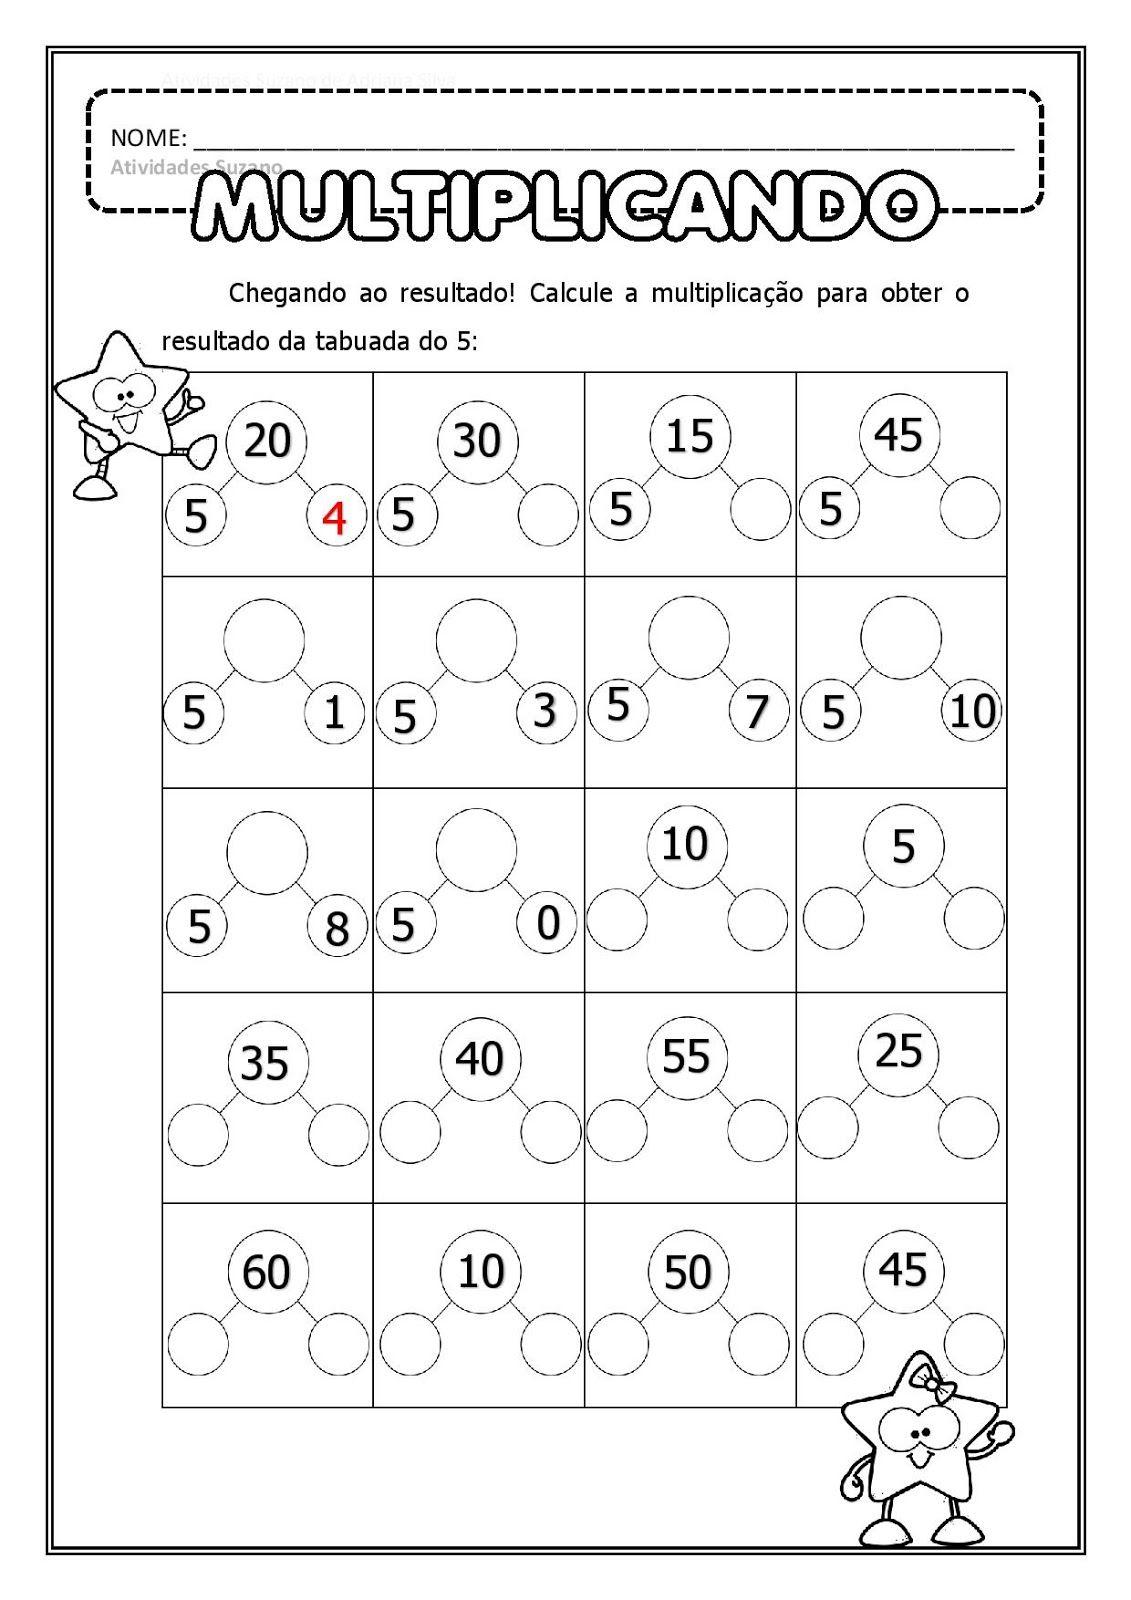 Multiplica C3 A7 C3 A3o 5 E 6 Page 001 Jpg 1131 1600 Com